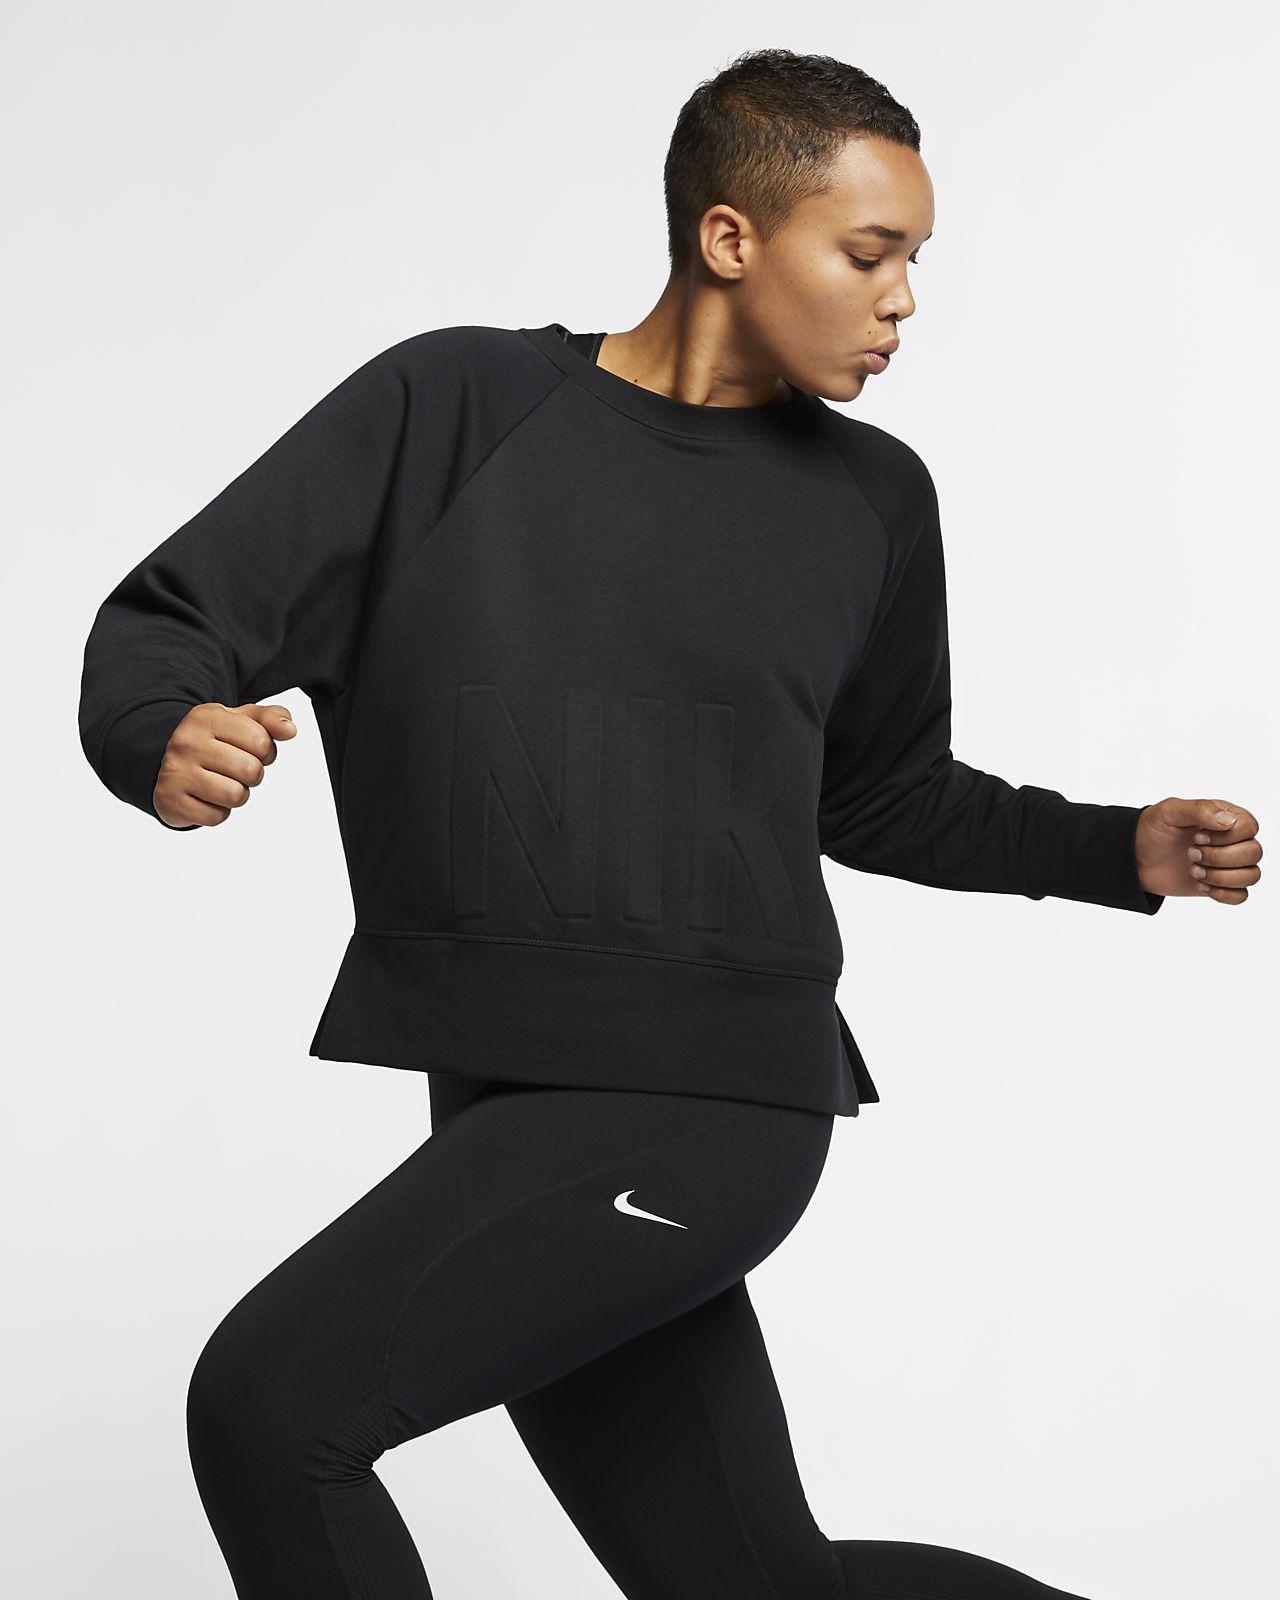 talla Sudadera Entrenamiento Grande De Nike Para Mx Mujer 11zx7